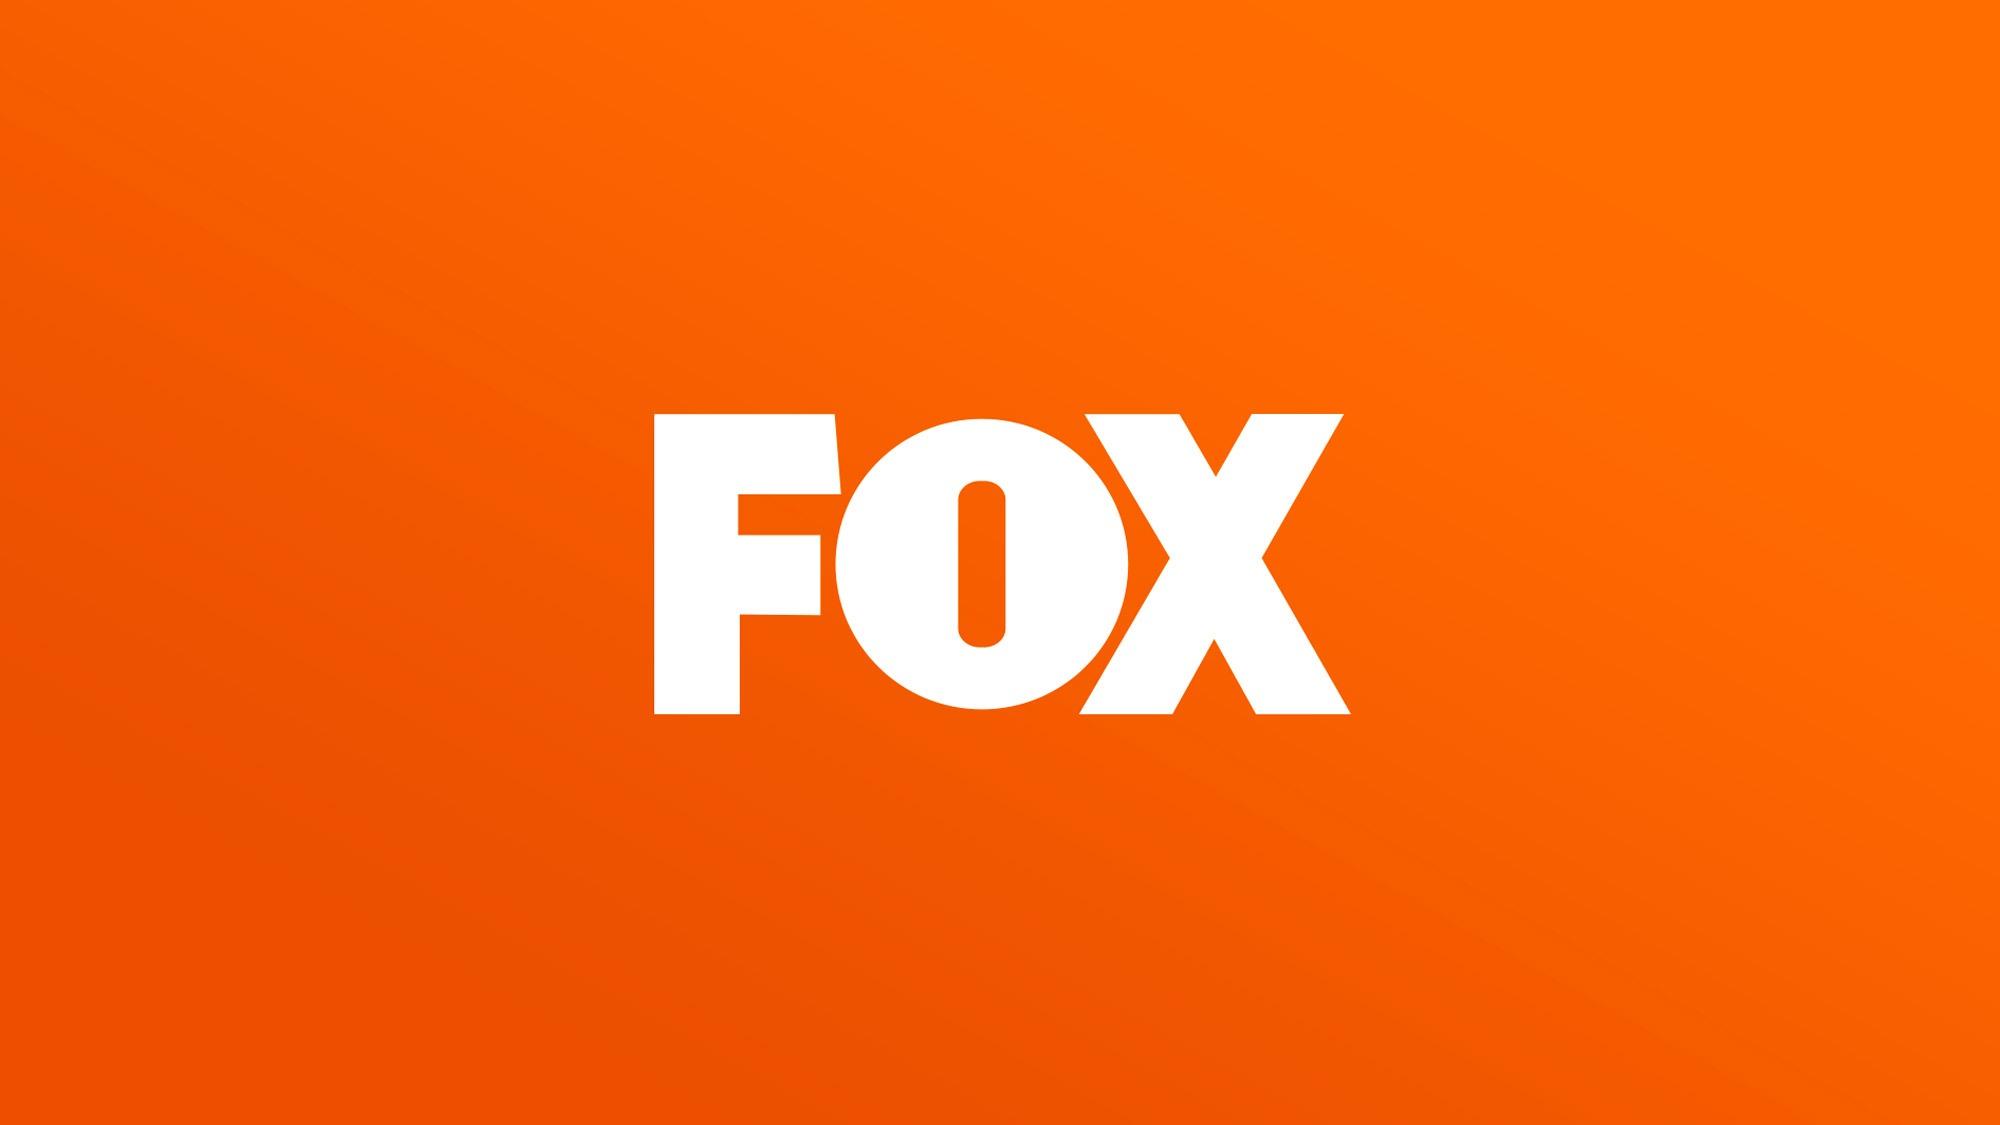 Épisodes de <em>Malcolm</em> coupés : la Fox répare les dégâts